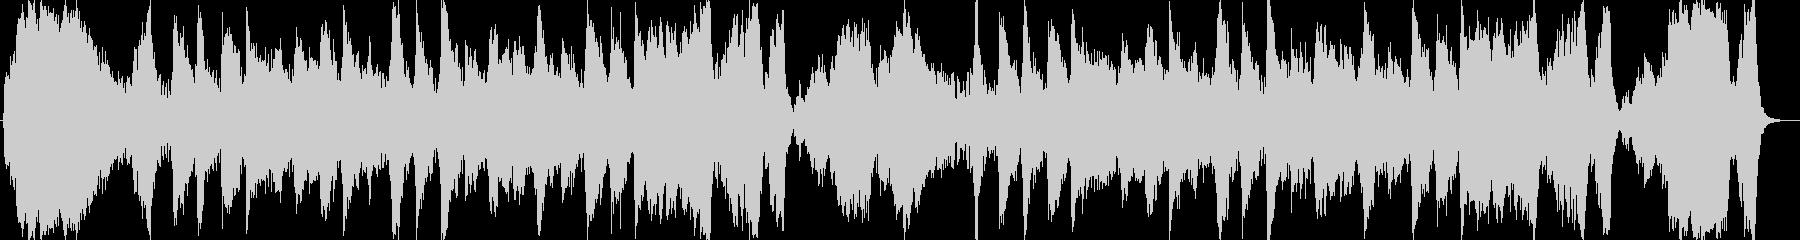 明るく壮大なシンセサイザーサウンドの未再生の波形